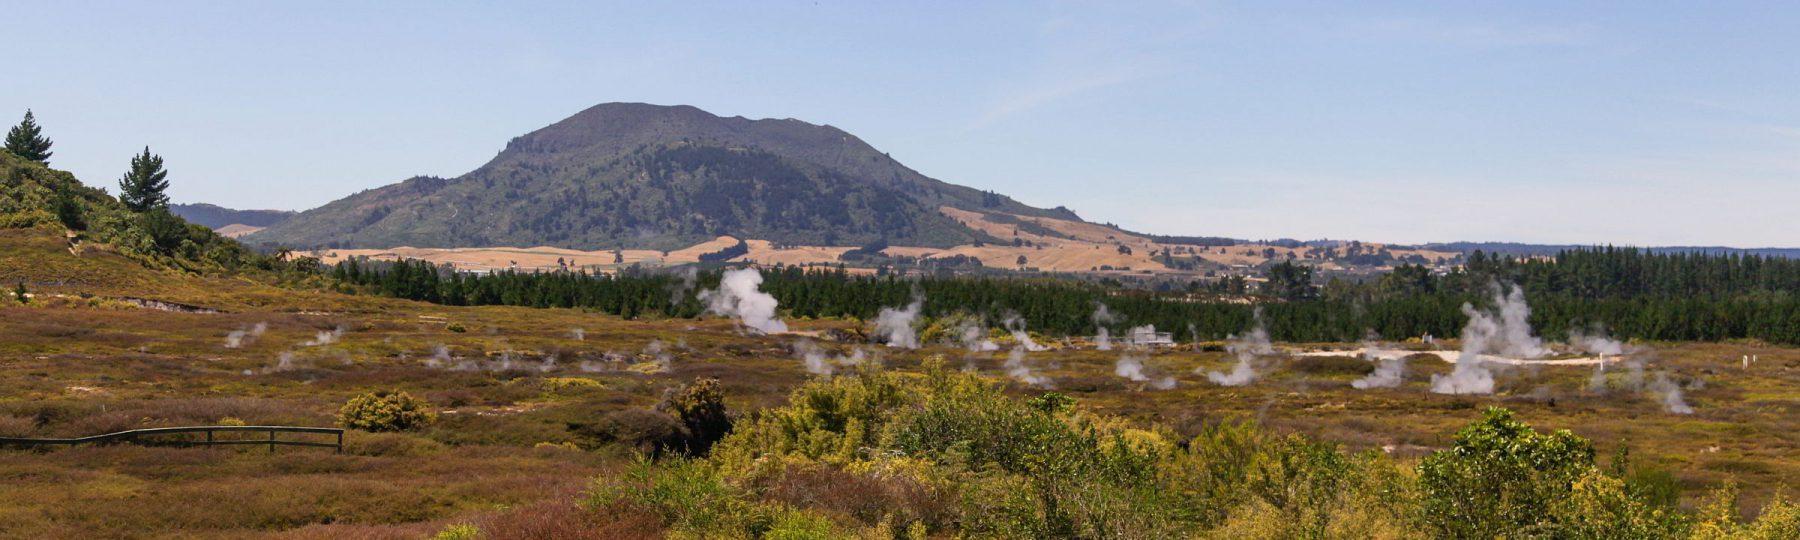 Vulkanlandschaft auf Neuseeland - Craters of the Moon Nordinsel